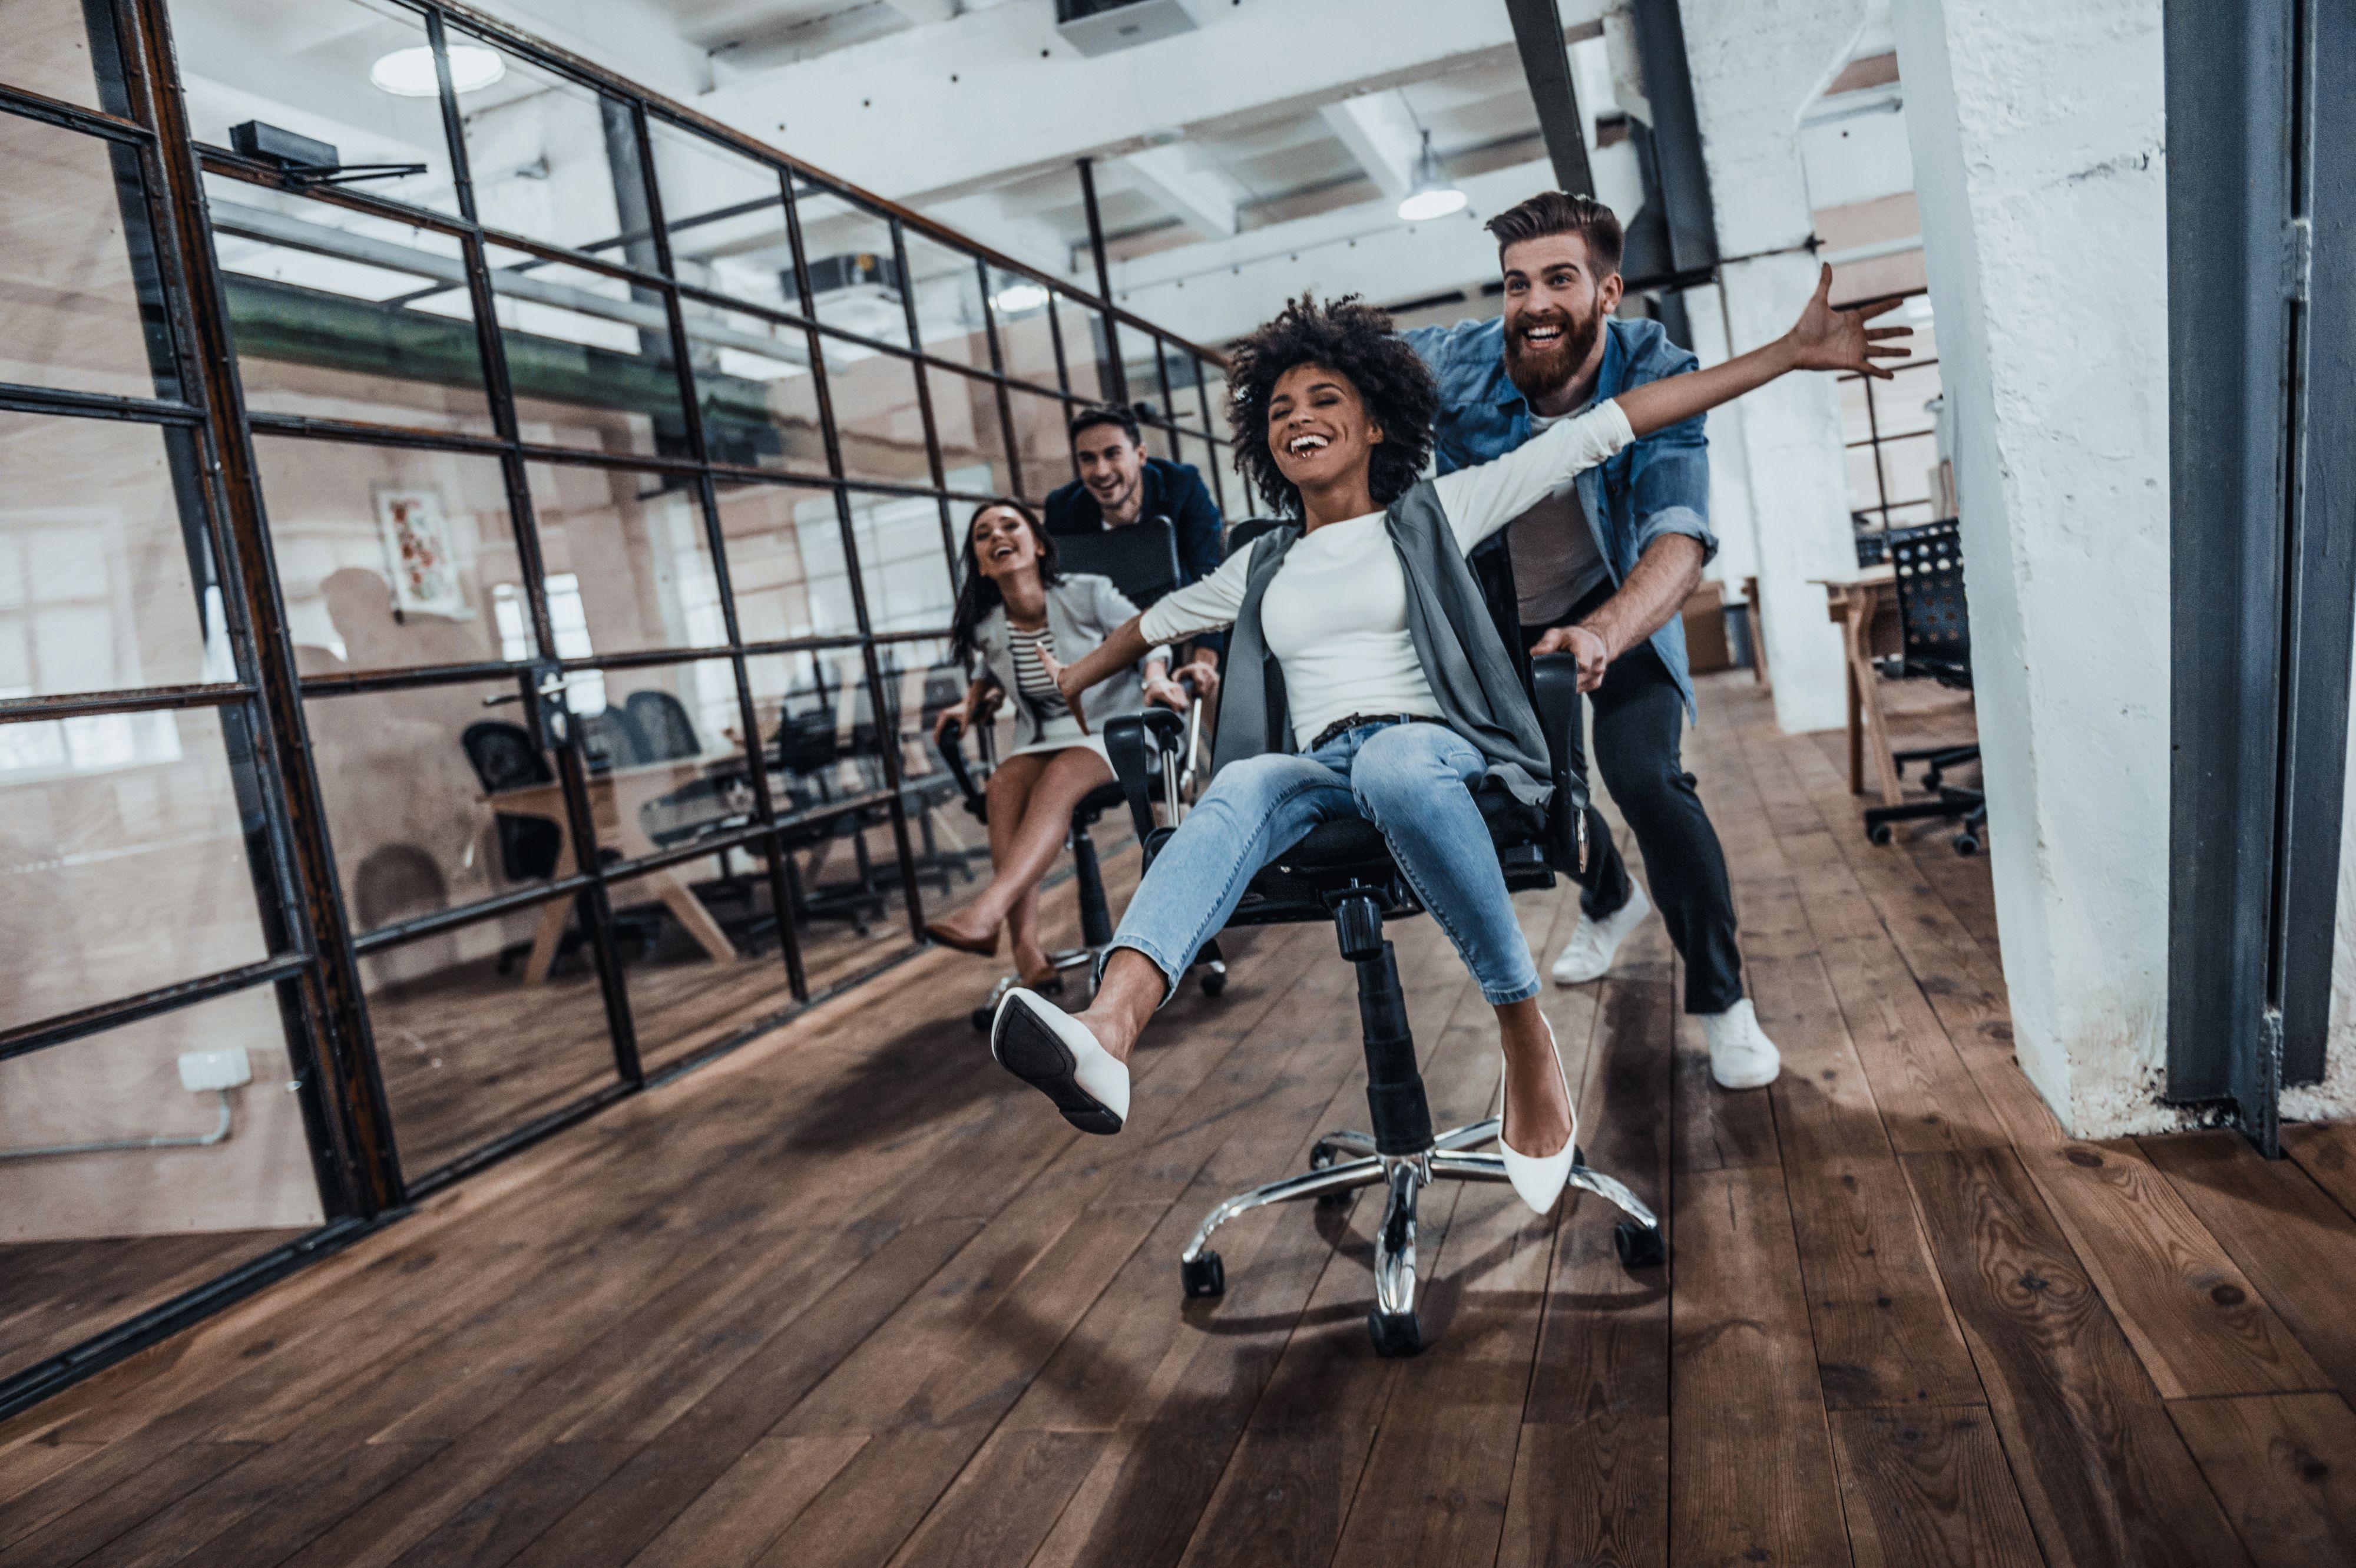 Przestrzenie flex, miejsca dedykowane pracy kreatywnej i zespołowej - to wszystko jasno dowodzi, że pracodawcy starają się stworzyć biura szyte na miarę potrzeb swoich pracowników. (Fot. Shutterstock)